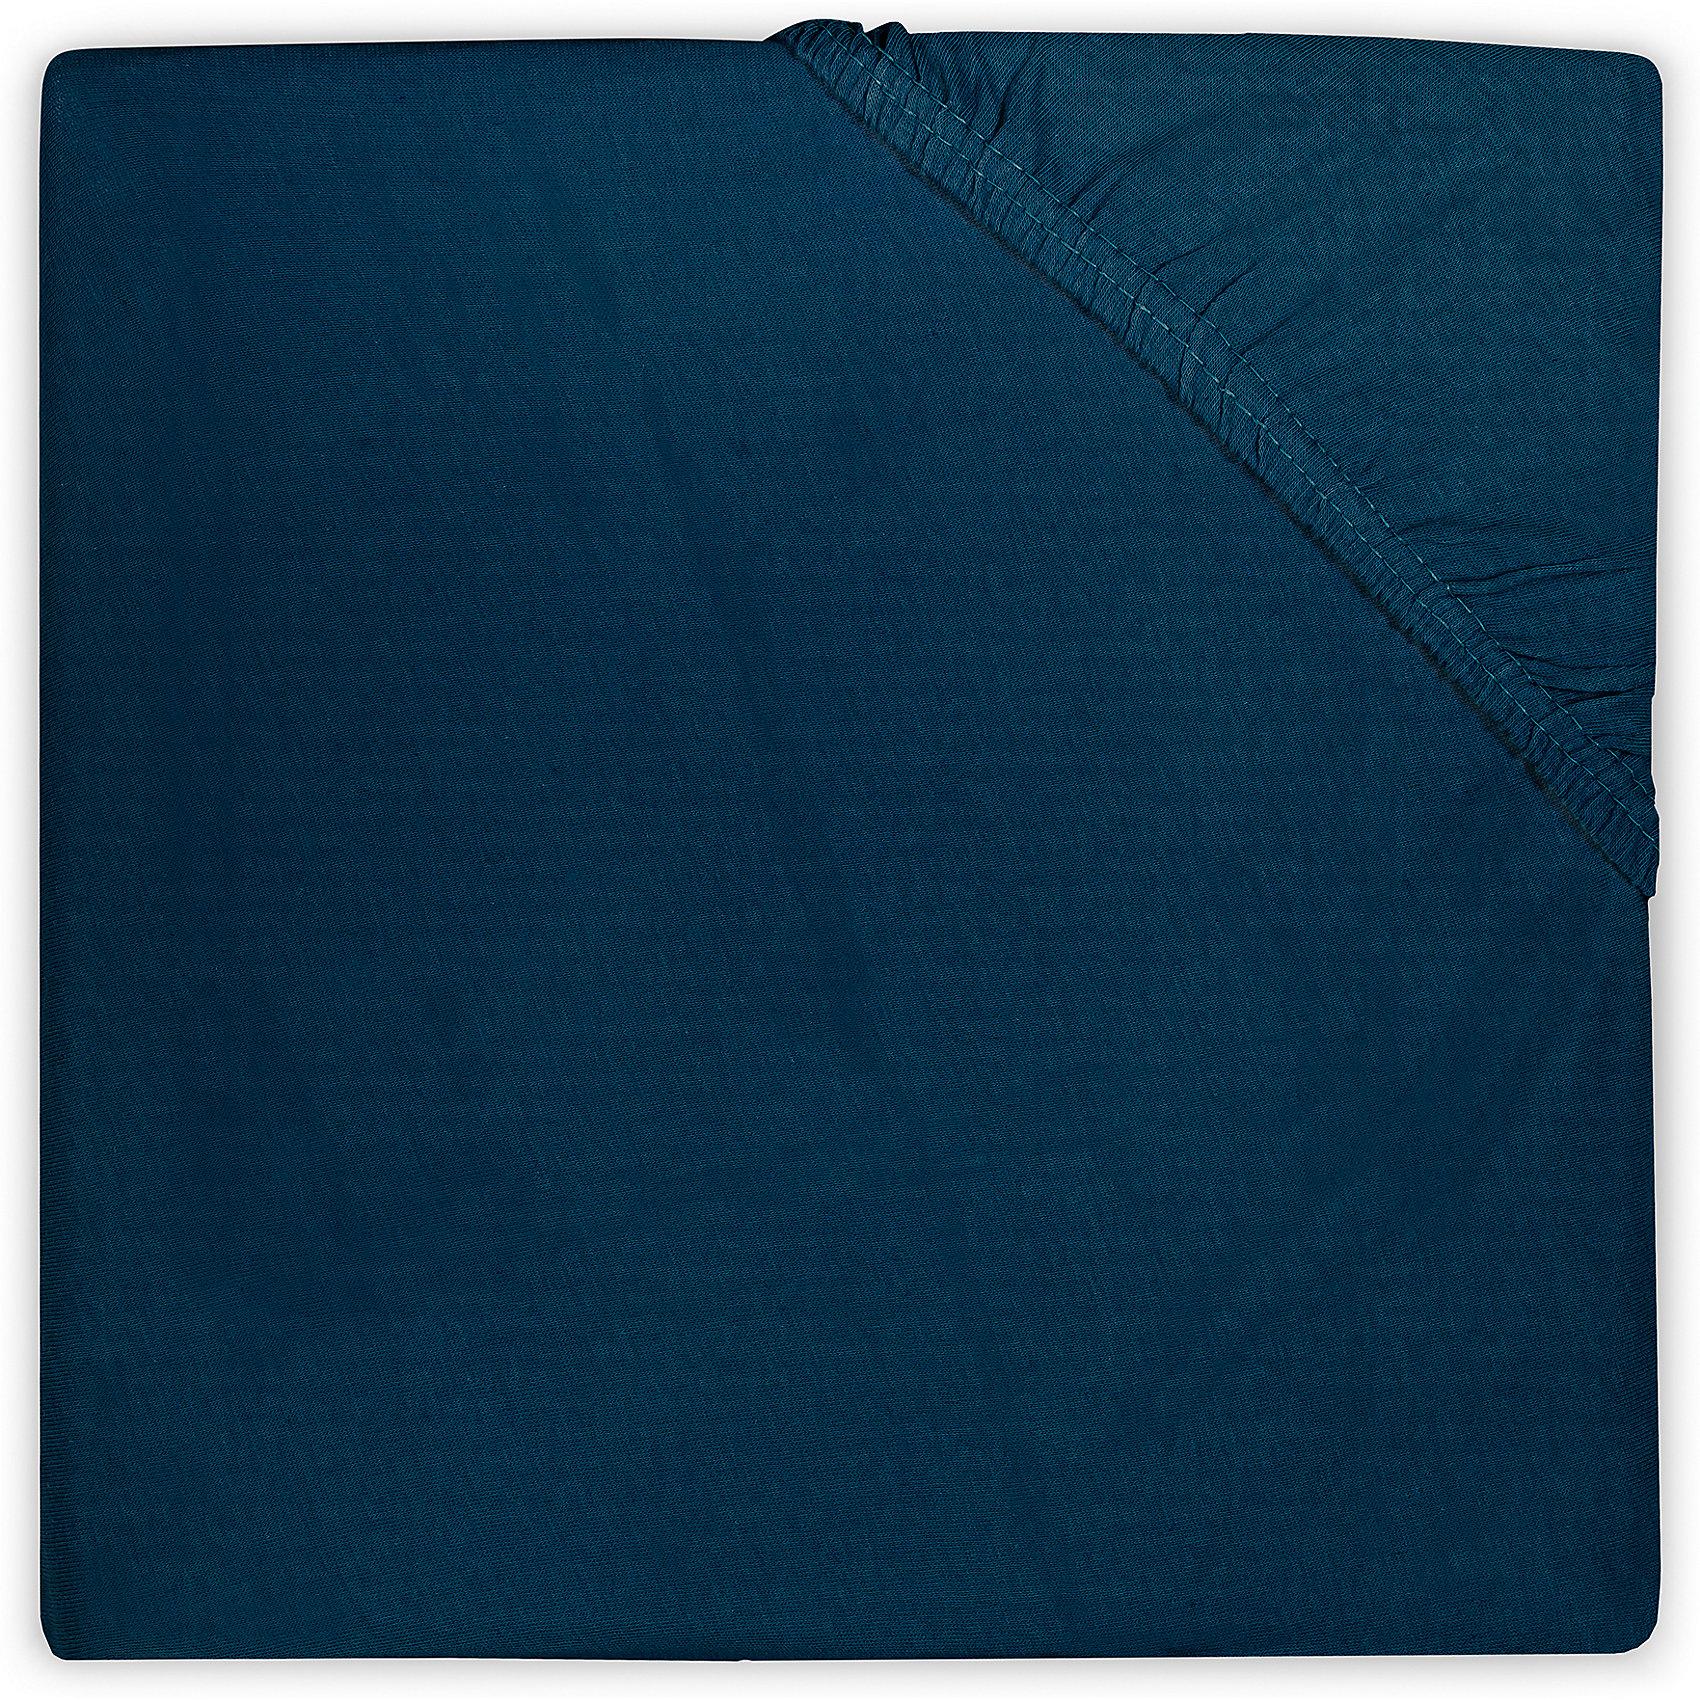 Простыня на резинке 60х120 см, Jollein, NaviПостельное бельё<br>Характеристики:<br><br>• Вид детского текстиля: простыня на резинке<br>• Пол: для мальчика<br>• Цвет: синий<br>• Тематика рисунка: без рисунка<br>• Материал: 100% хлопок <br>• Подходит для детских кроваток стандартного размера<br>• Размер: 60*120 см<br>• Вес: 200 г<br>• Особенности ухода: машинная или ручная стирка при температуре не более 60 градусов<br><br>Простыня на резинке 60х120 см, Jollein, Navi от торговой марки Жолляйн, которая является признанным лидером среди аналогичных брендов, выпускающих детское постельное белье и текстиль для новорожденных. Продукция этого торгового бренда отличается высоким качеством и дизайнерским стилем. <br><br>Простыня выполнена из натурального хлопка, который обладает высокими гигиеническими и гигроскопическими свойствами. Легко стирается и быстро высыхает. Простыня на резинке плотно и хорошо садится на матрасик, что препятствует ее сбиванию и образованию складок, даже если ребенок спит неспокойно. <br><br>Простынь выполнена в однотонном цвете, поэтому она подойдет к любому комплекту постельного белья. Простыня на резинке 60х120 см, Jollein, Navi – это стиль и качество для сладких сновидений вашего малыша!<br><br>Простыню на резинке 60х120 см, Jollein, Navi можно купить в нашем интернет-магазине.<br><br>Ширина мм: 190<br>Глубина мм: 230<br>Высота мм: 30<br>Вес г: 270<br>Возраст от месяцев: 0<br>Возраст до месяцев: 36<br>Пол: Мужской<br>Возраст: Детский<br>SKU: 5367126